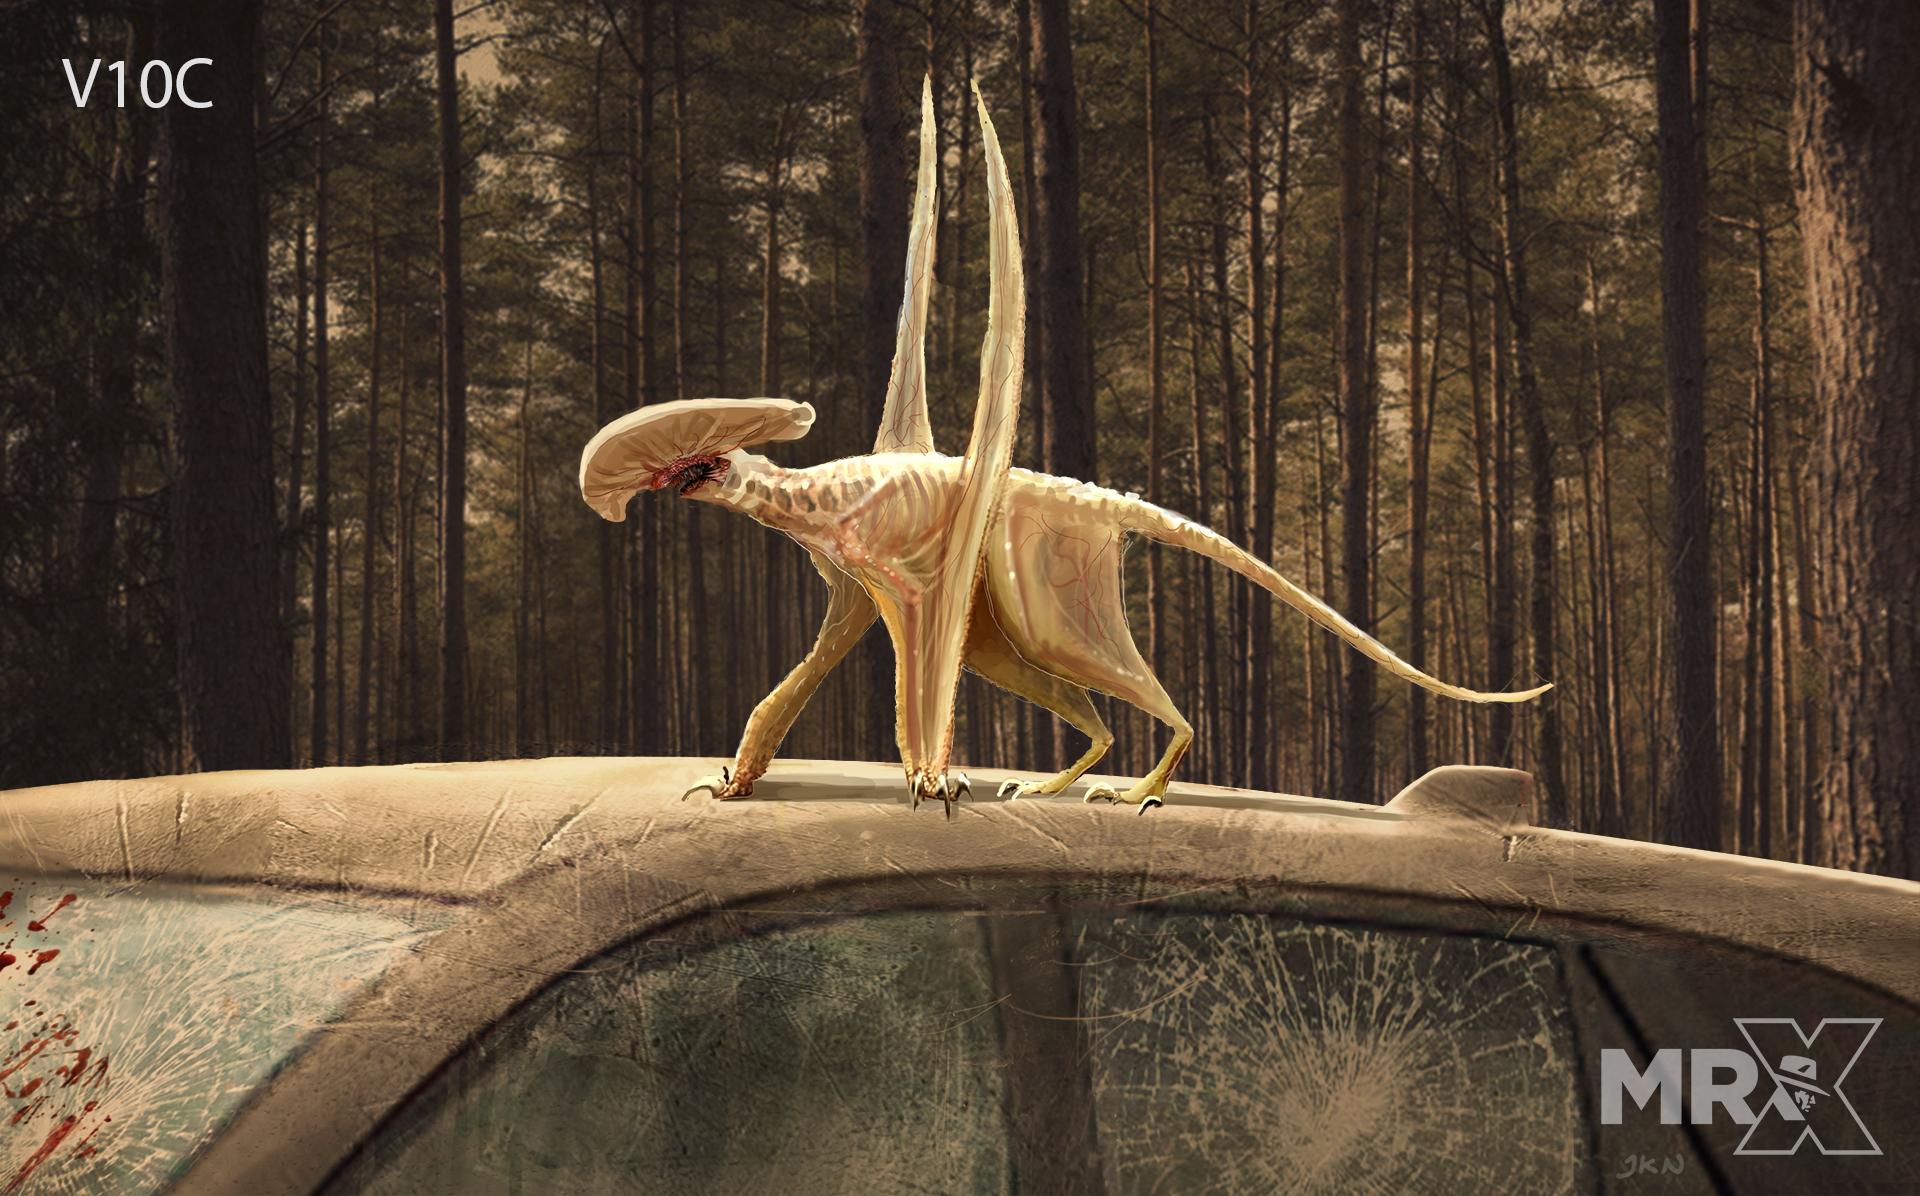 sil_VESP_reptilian_concept_v010C.jpg